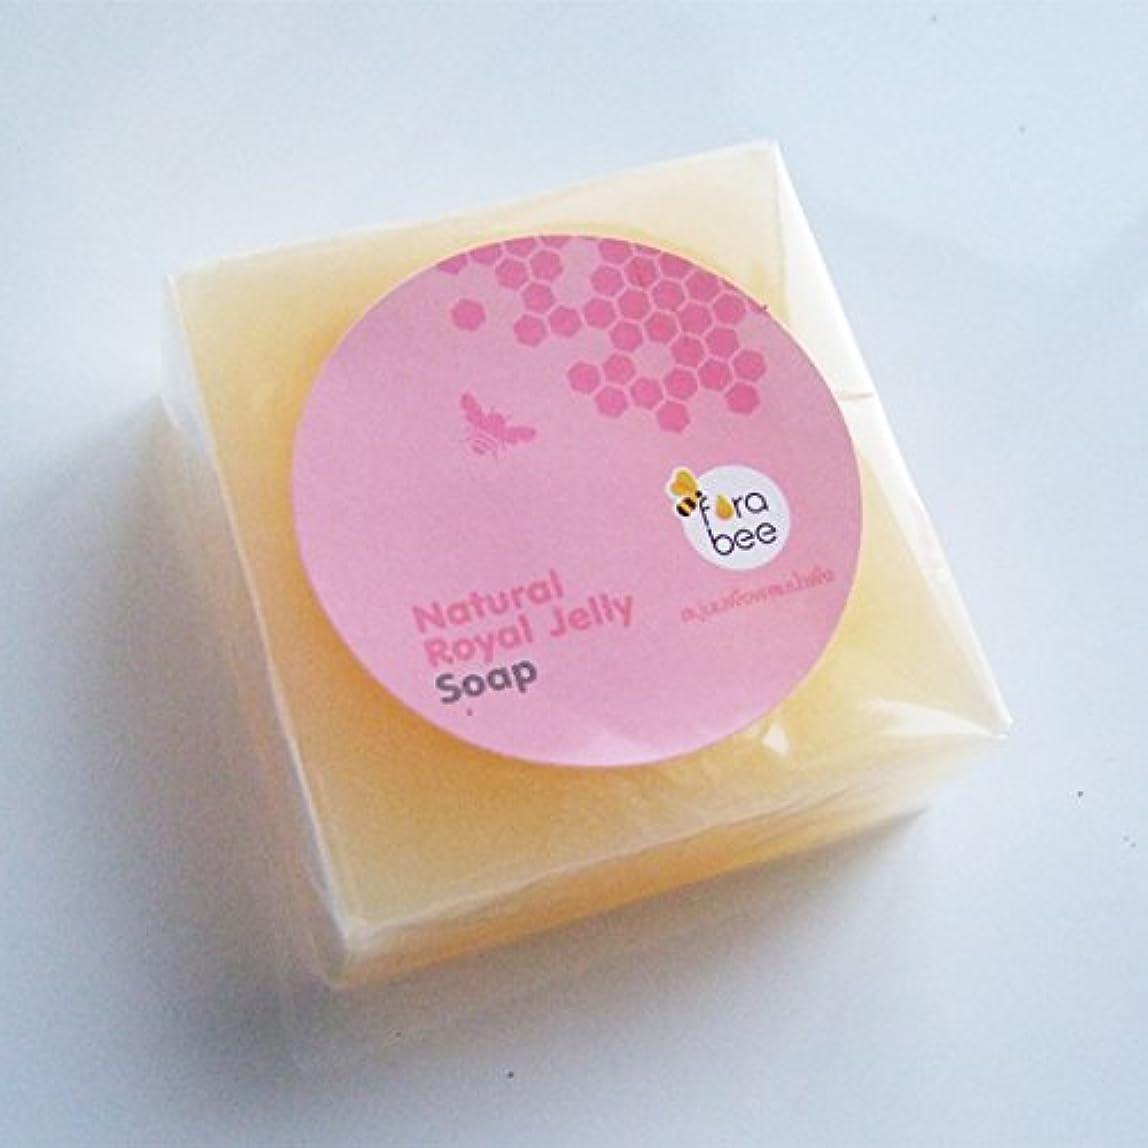 息を切らして残りボア天然ローヤルゼリー石鹸 2個(蜂蜜配合、木箱入り)